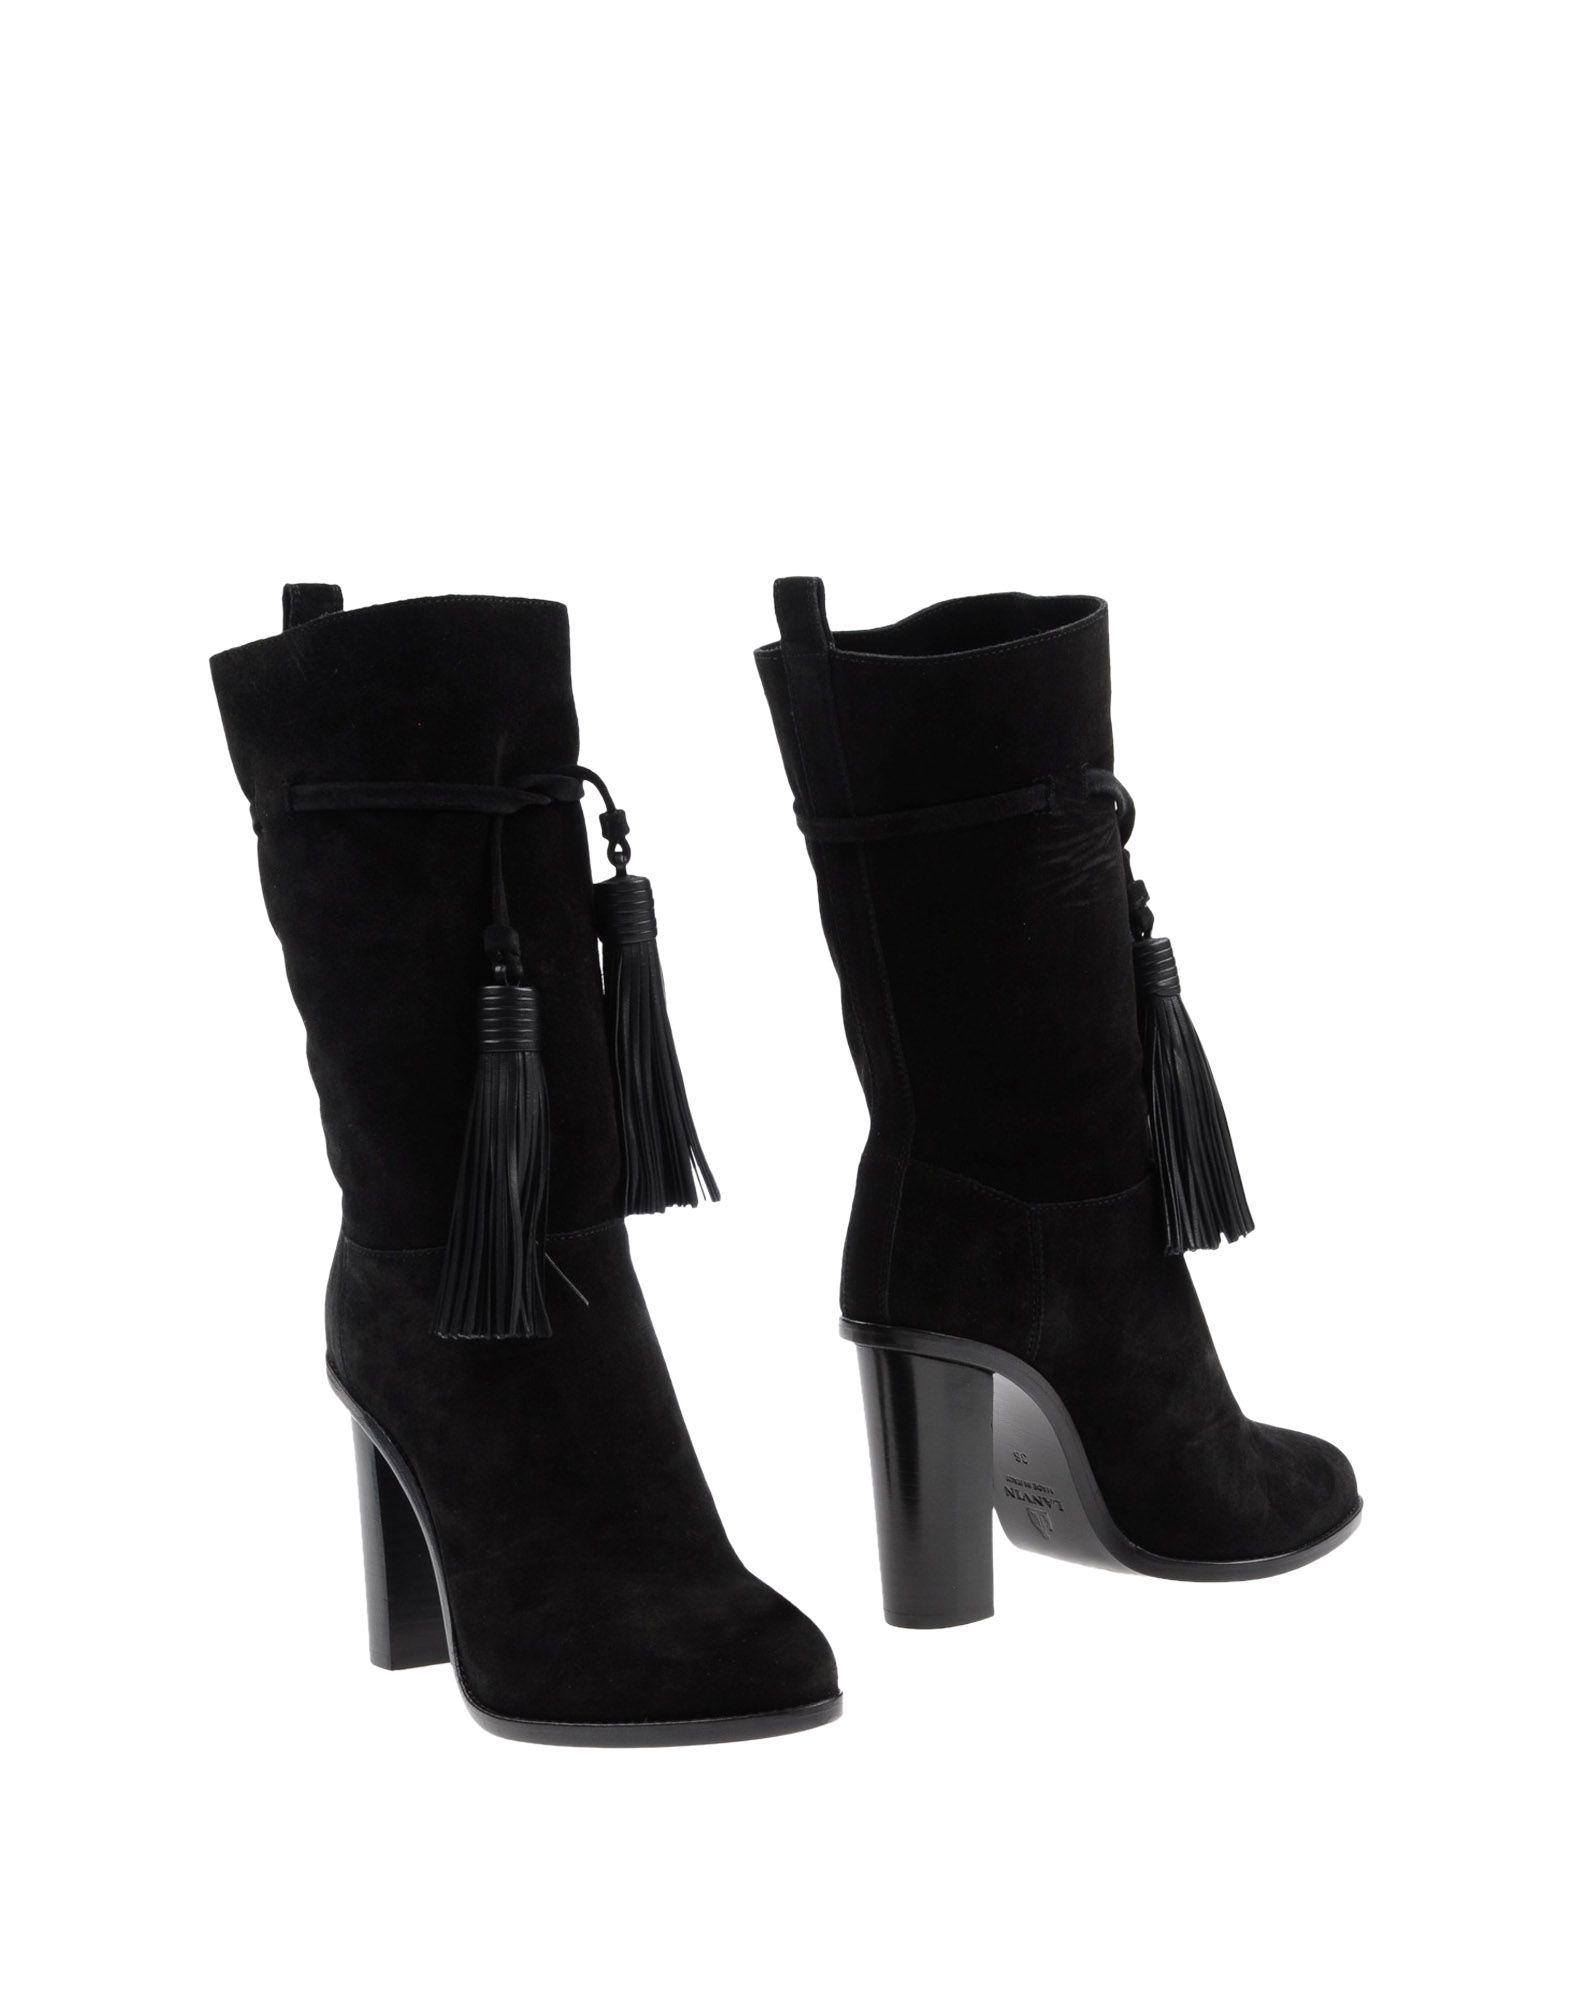 Lanvin gut Stiefelette Damen  11301746NUGünstige gut Lanvin aussehende Schuhe fd04bf